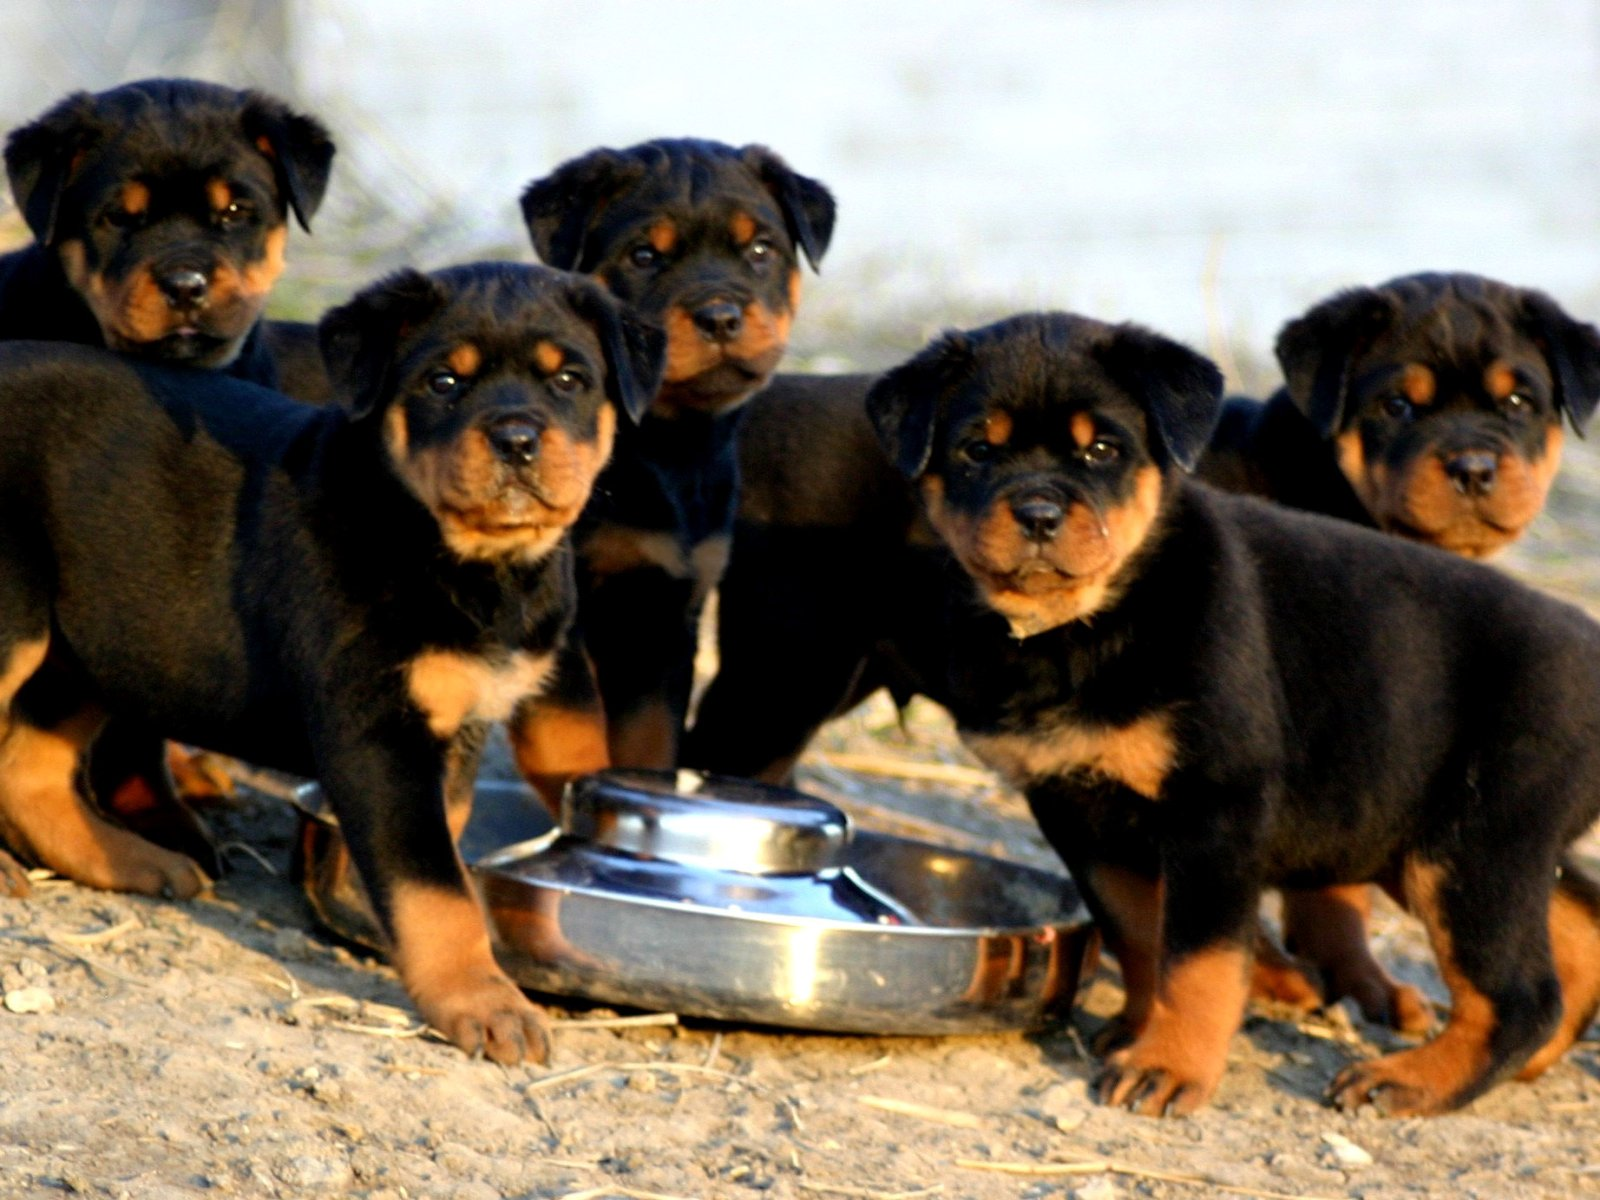 imagenes de perros rottweiler11 Imágenes de Perros Rottweiler